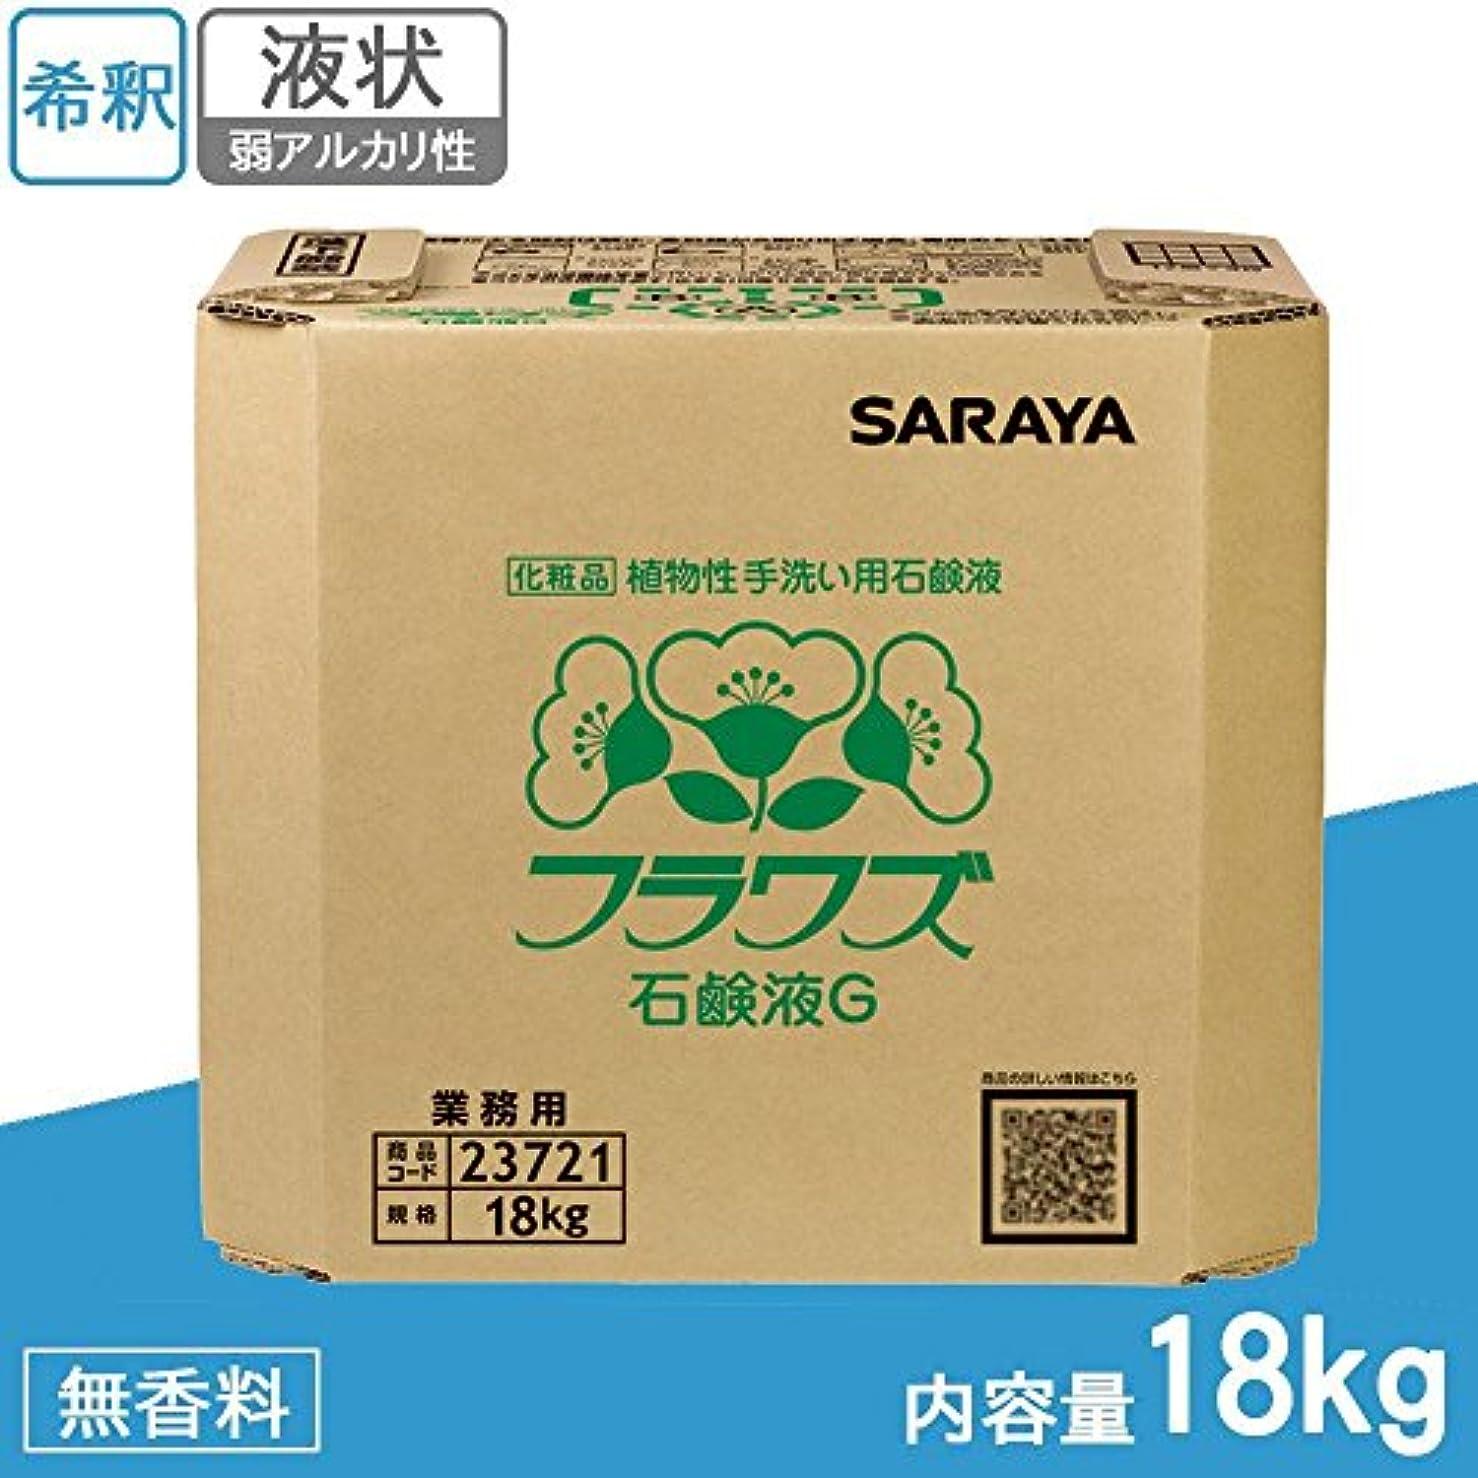 本物バング警戒サラヤ 業務用 植物性手洗い用石鹸液 フラワズ石鹸液G 18kg BIB 23721